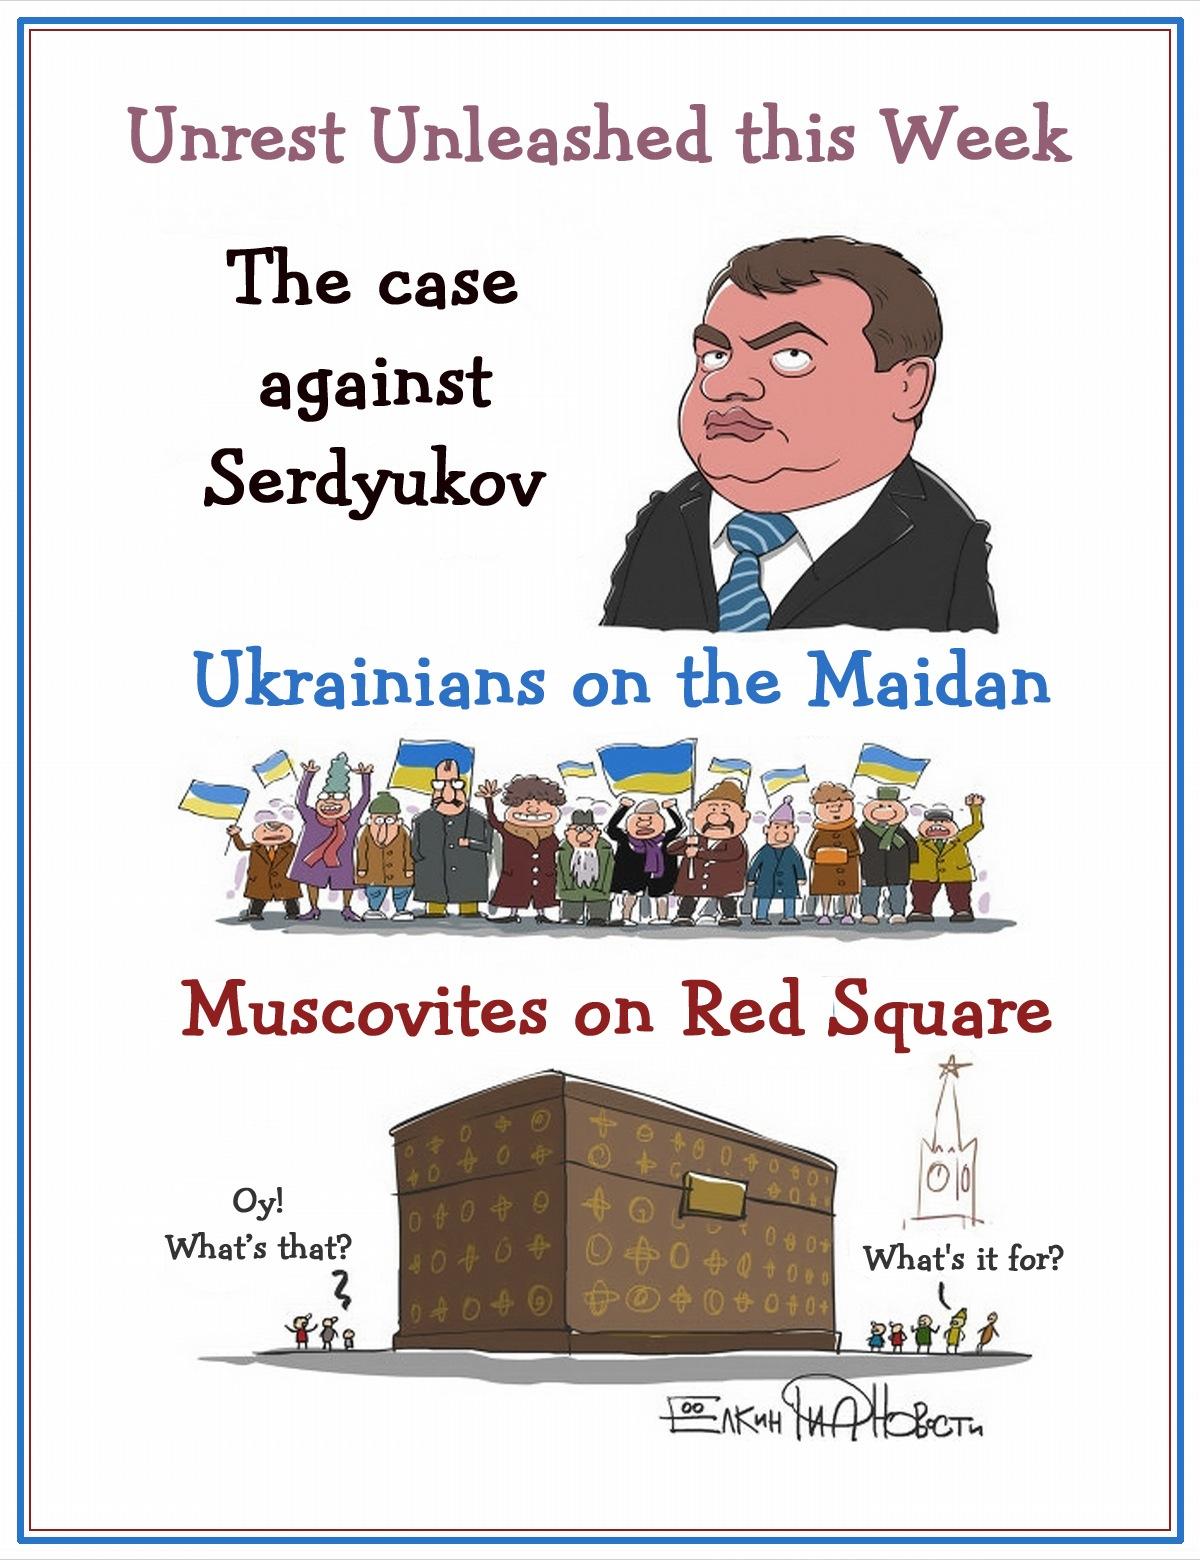 00 Sergei Yolkin. Events of the Week in Cartoons by Sergei Yolkin. 25-29 November 2013. 2013